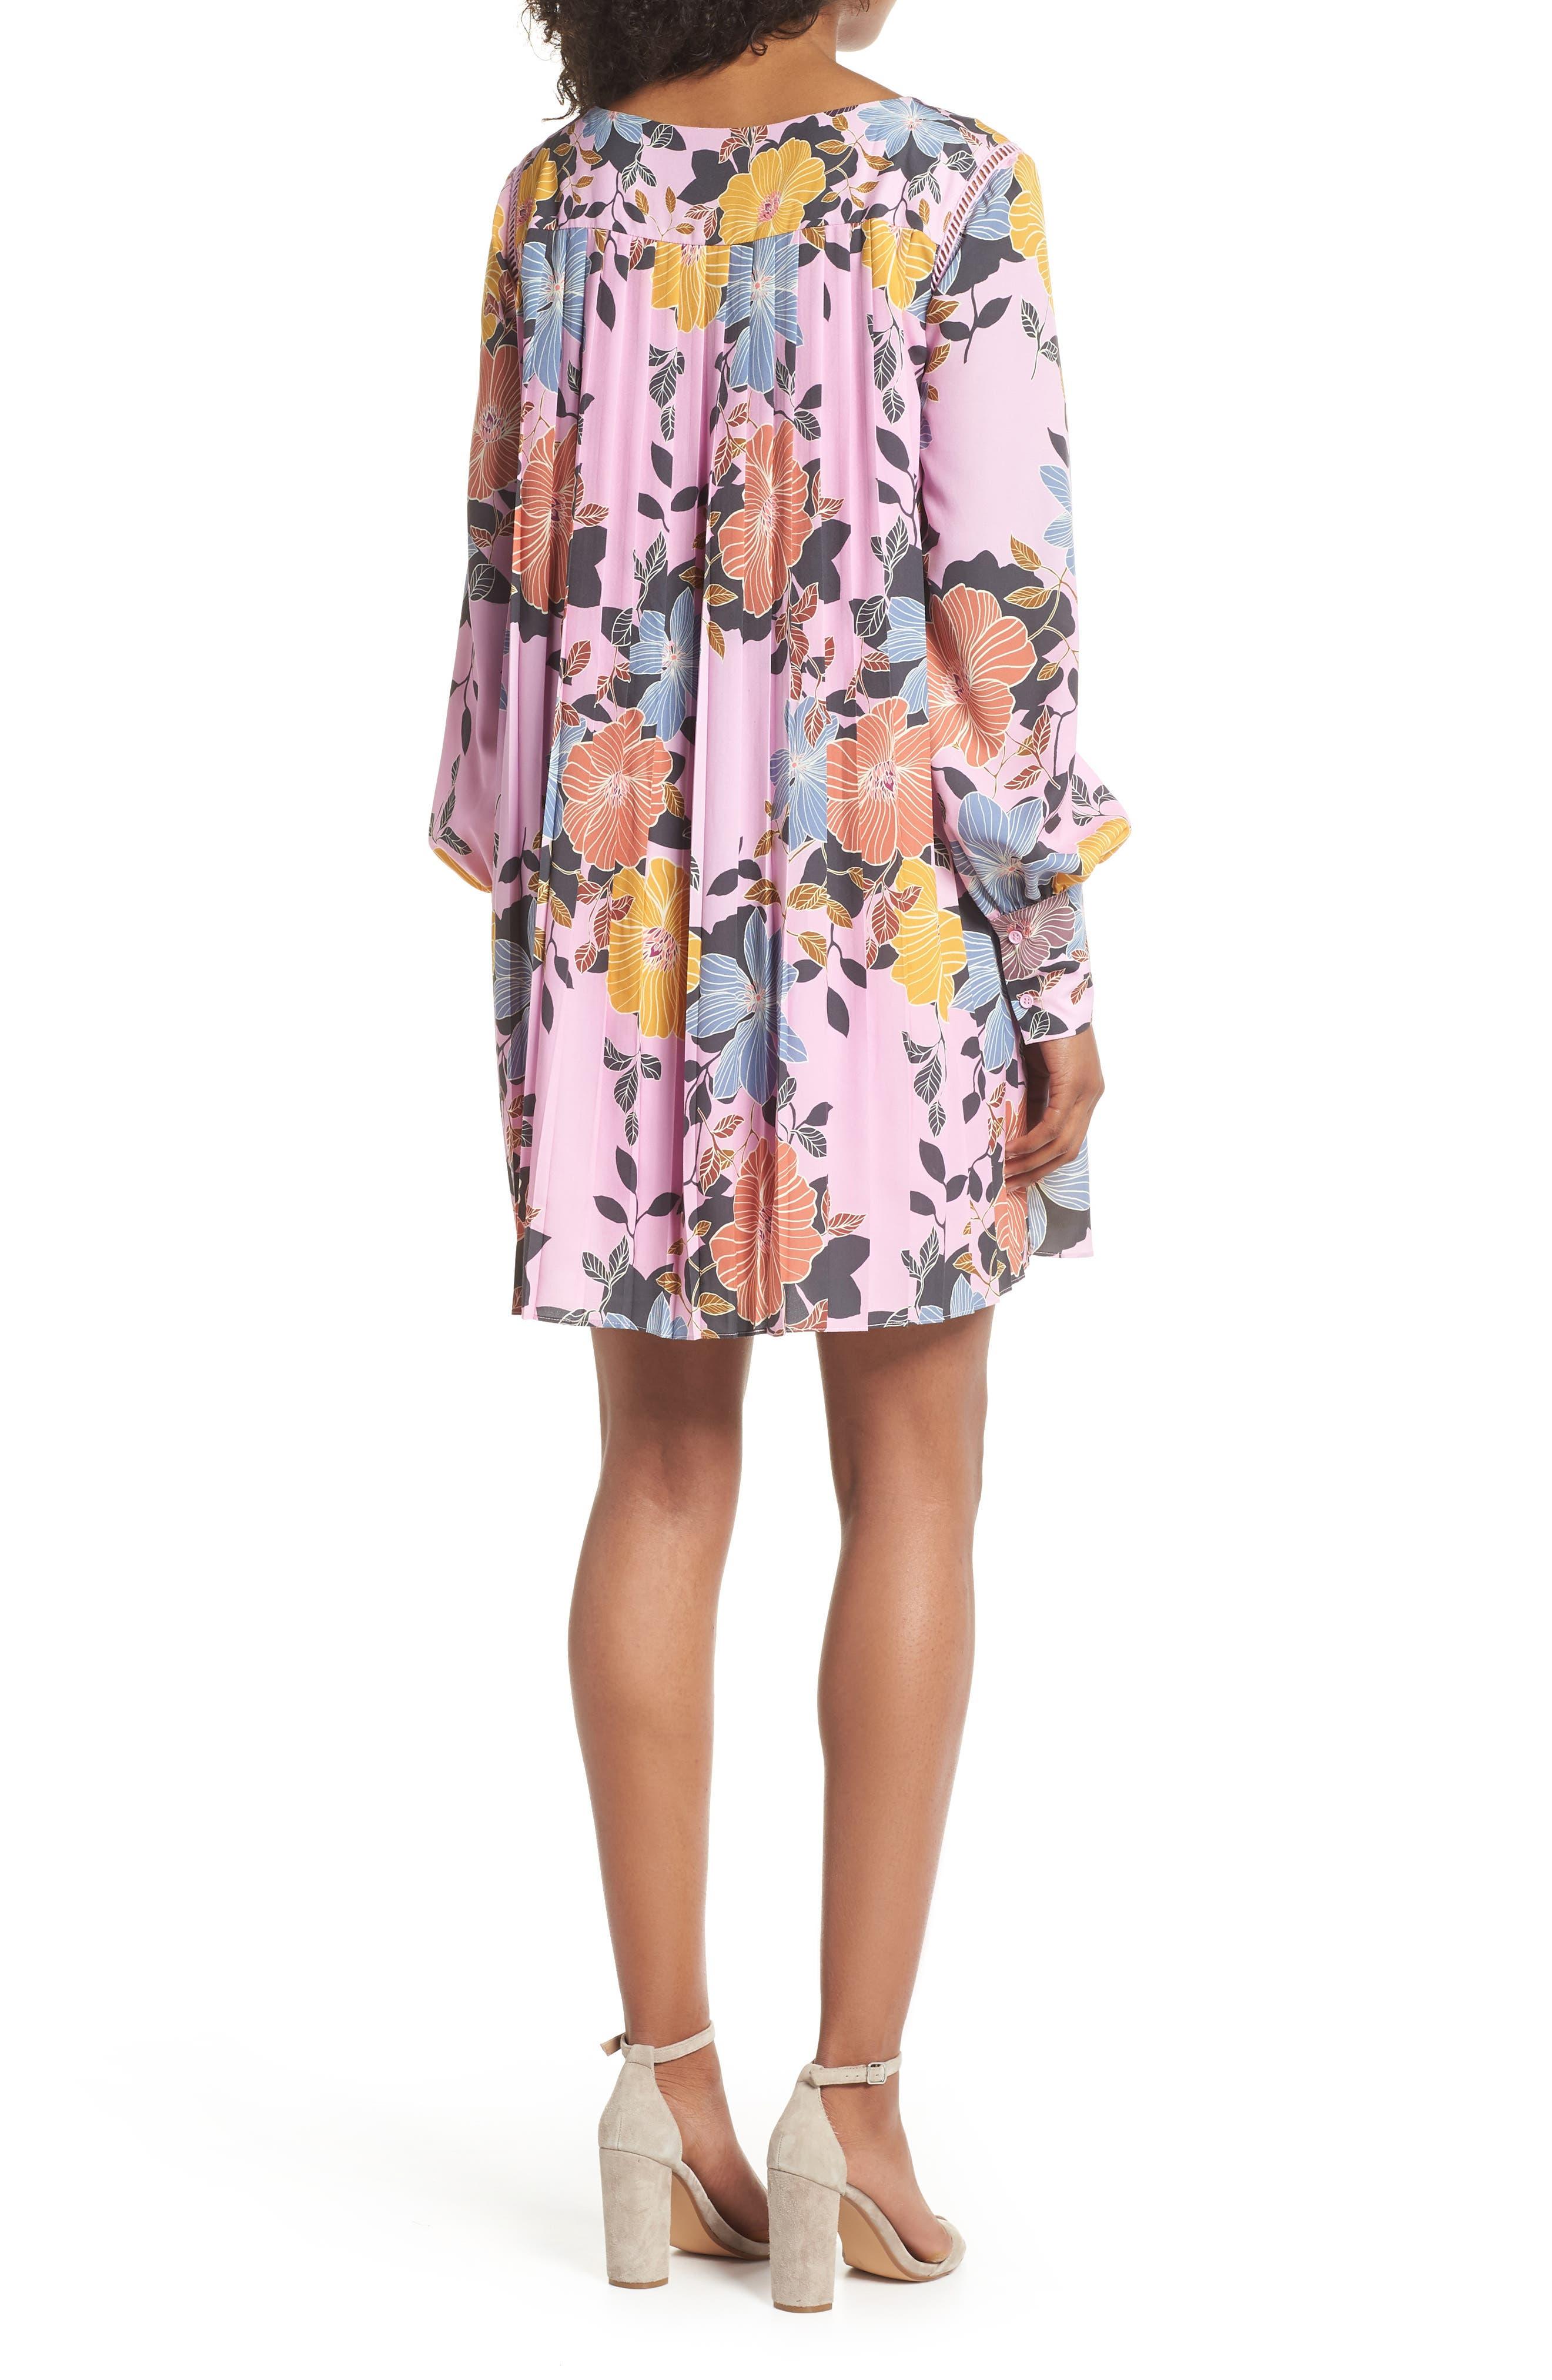 Shikoku Floral Crepe Shift Dress,                             Alternate thumbnail 2, color,                             Violet Vice Multi